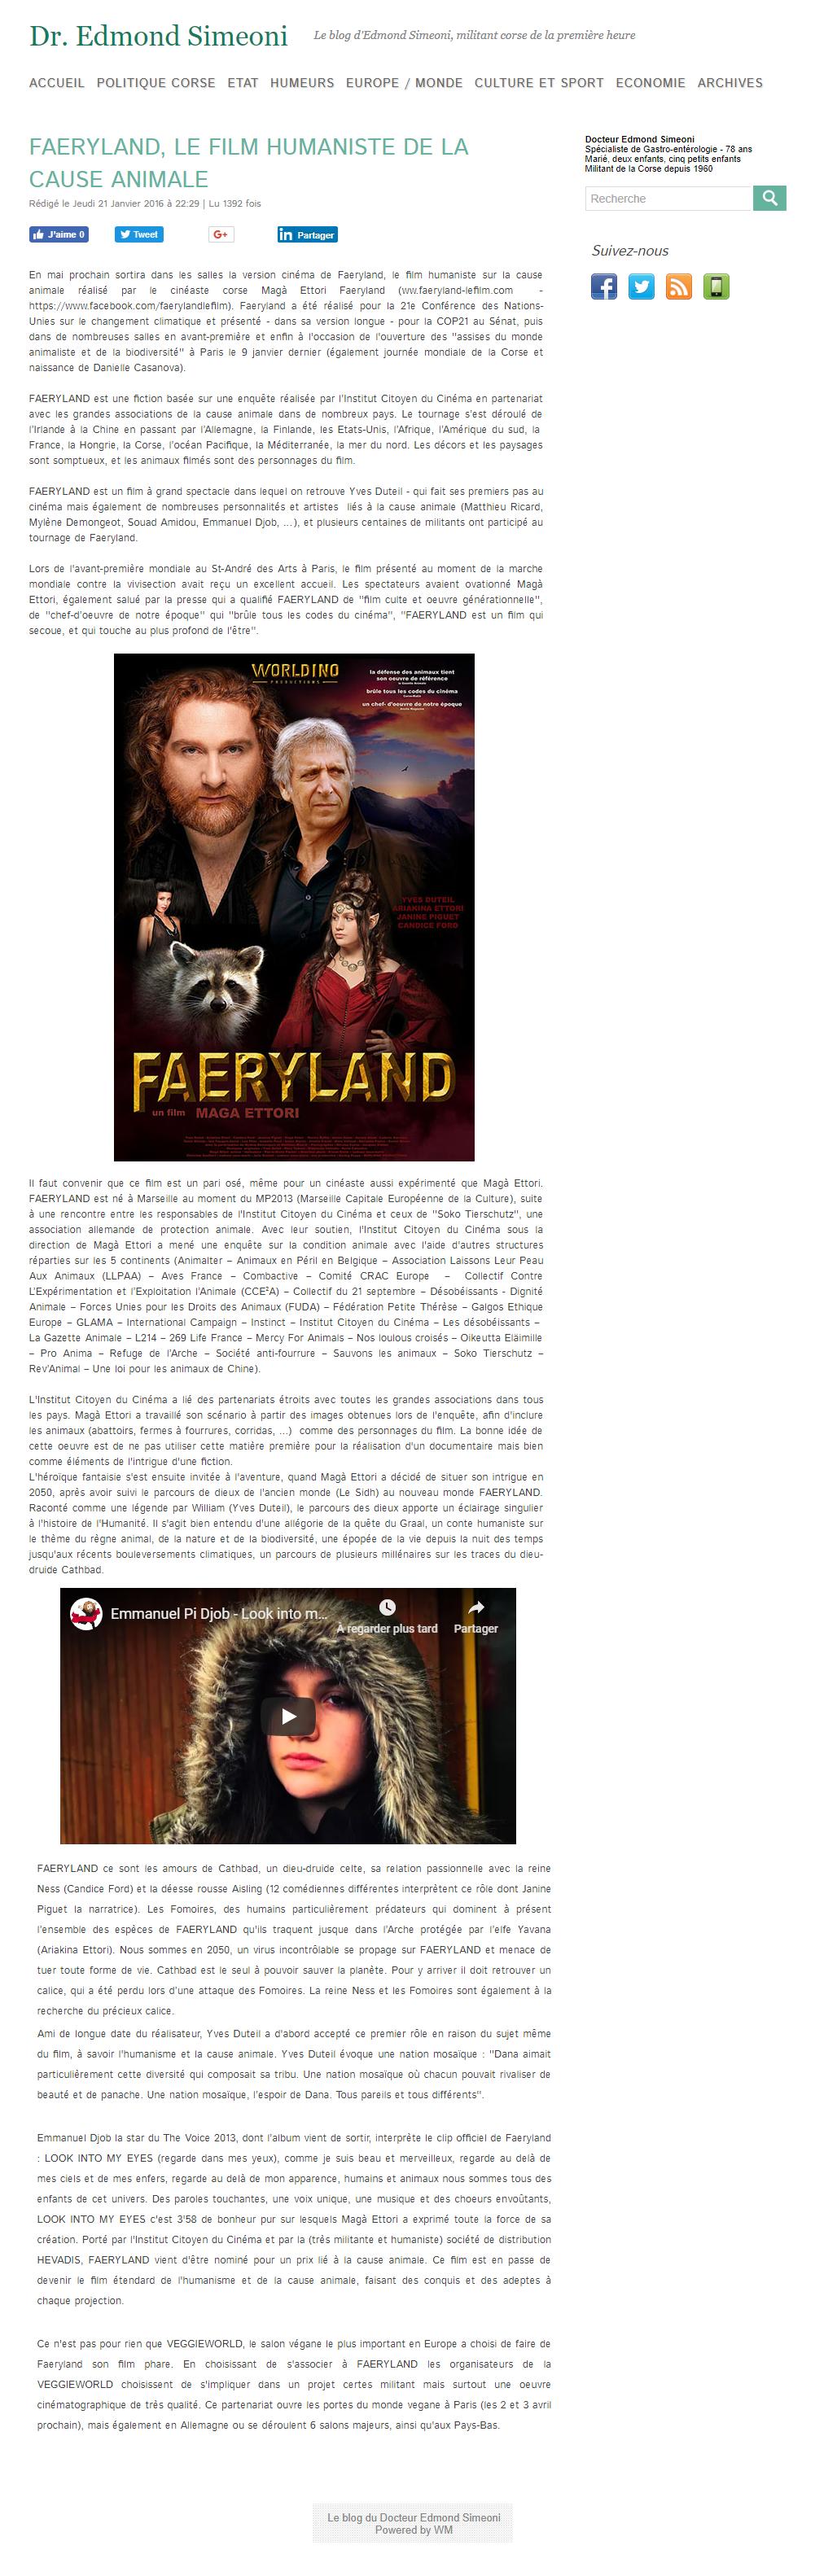 Edmond Simeoni - Faeryland, une sortie internationale couronnée de succès - 3.png